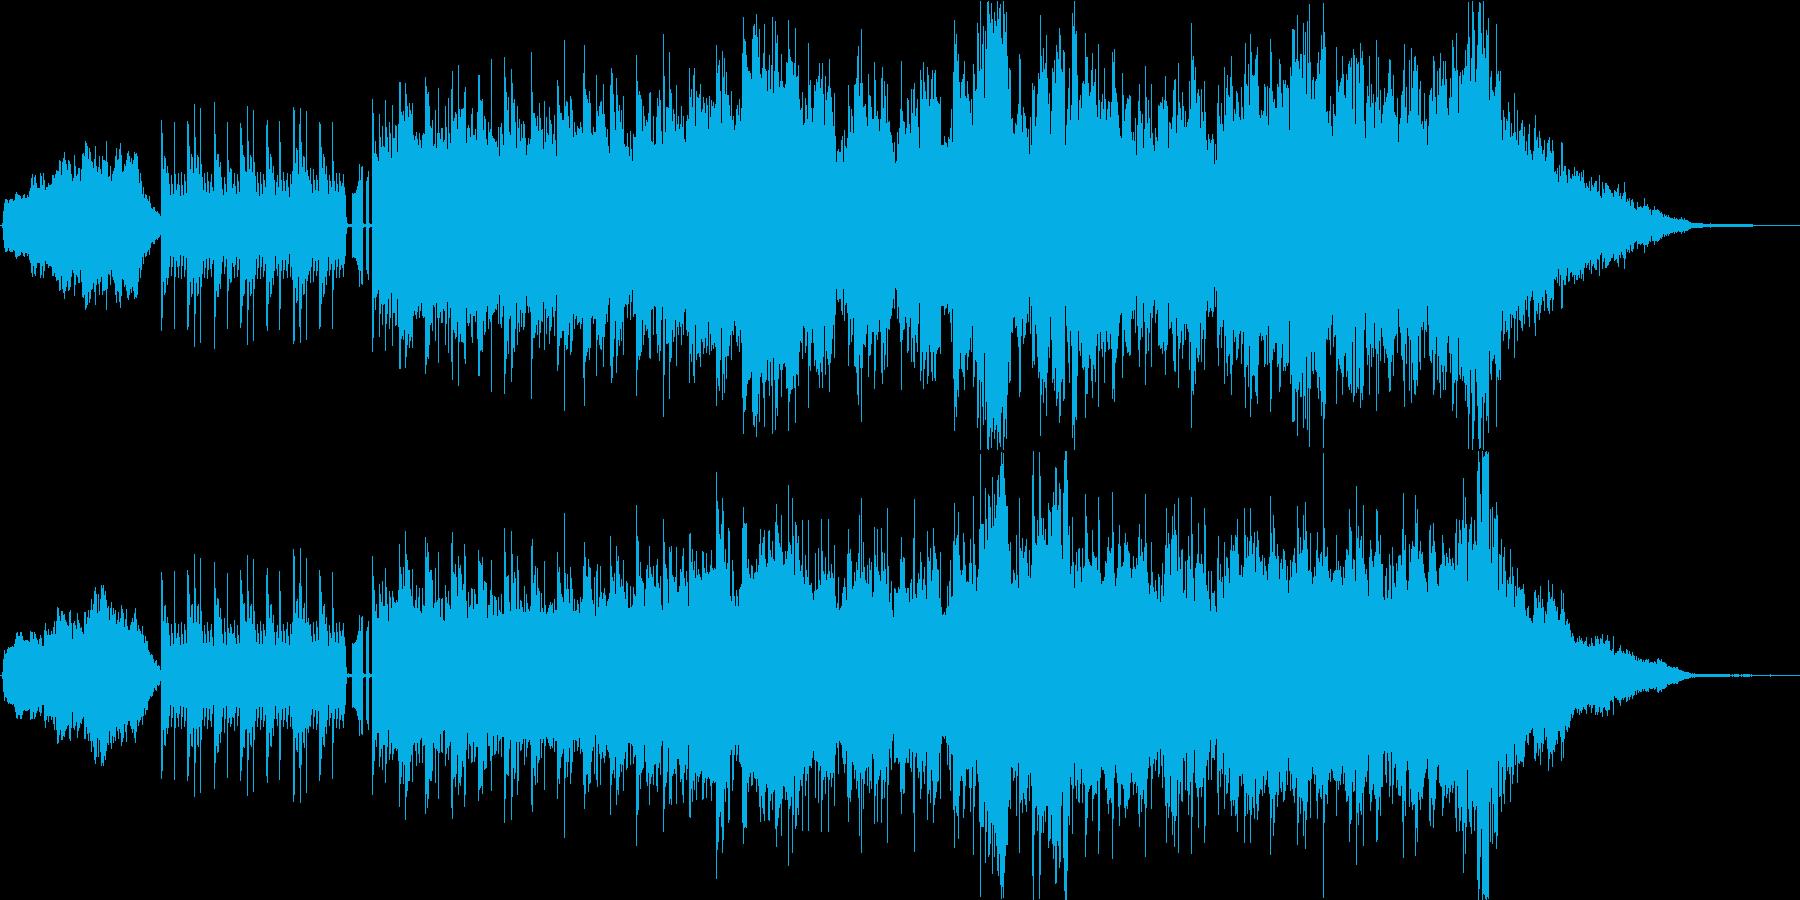 ストリングスとギターの激しく切ない曲の再生済みの波形